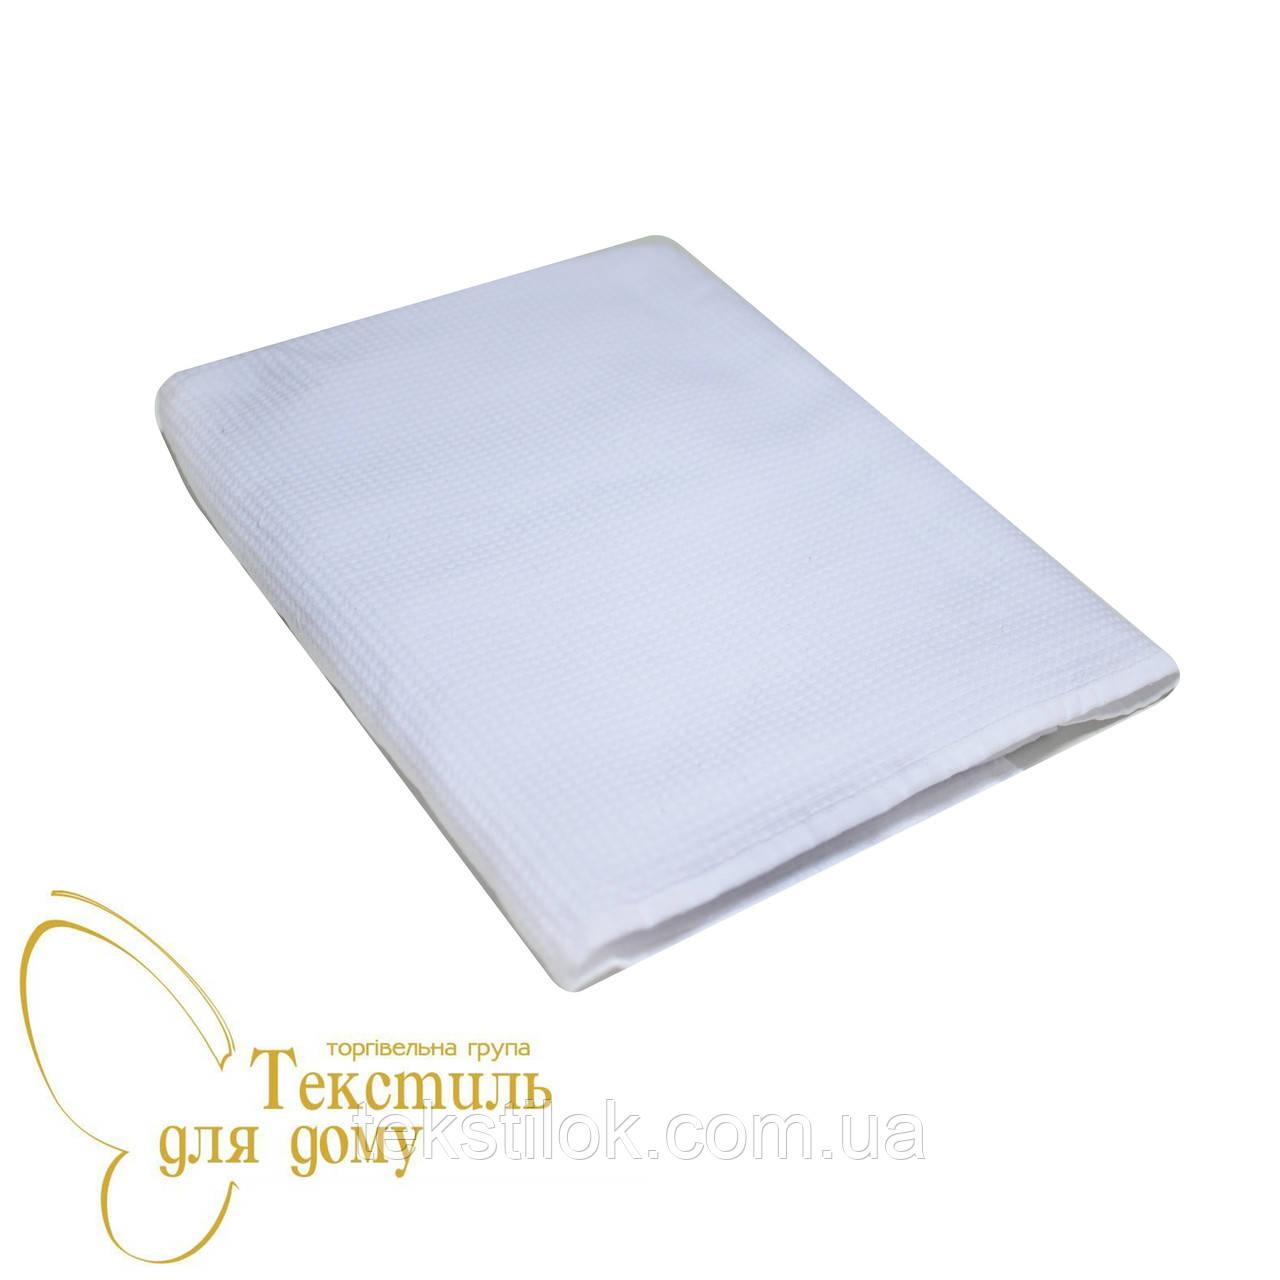 Полотенце для сауны 100*180, вафельное/махра, белый